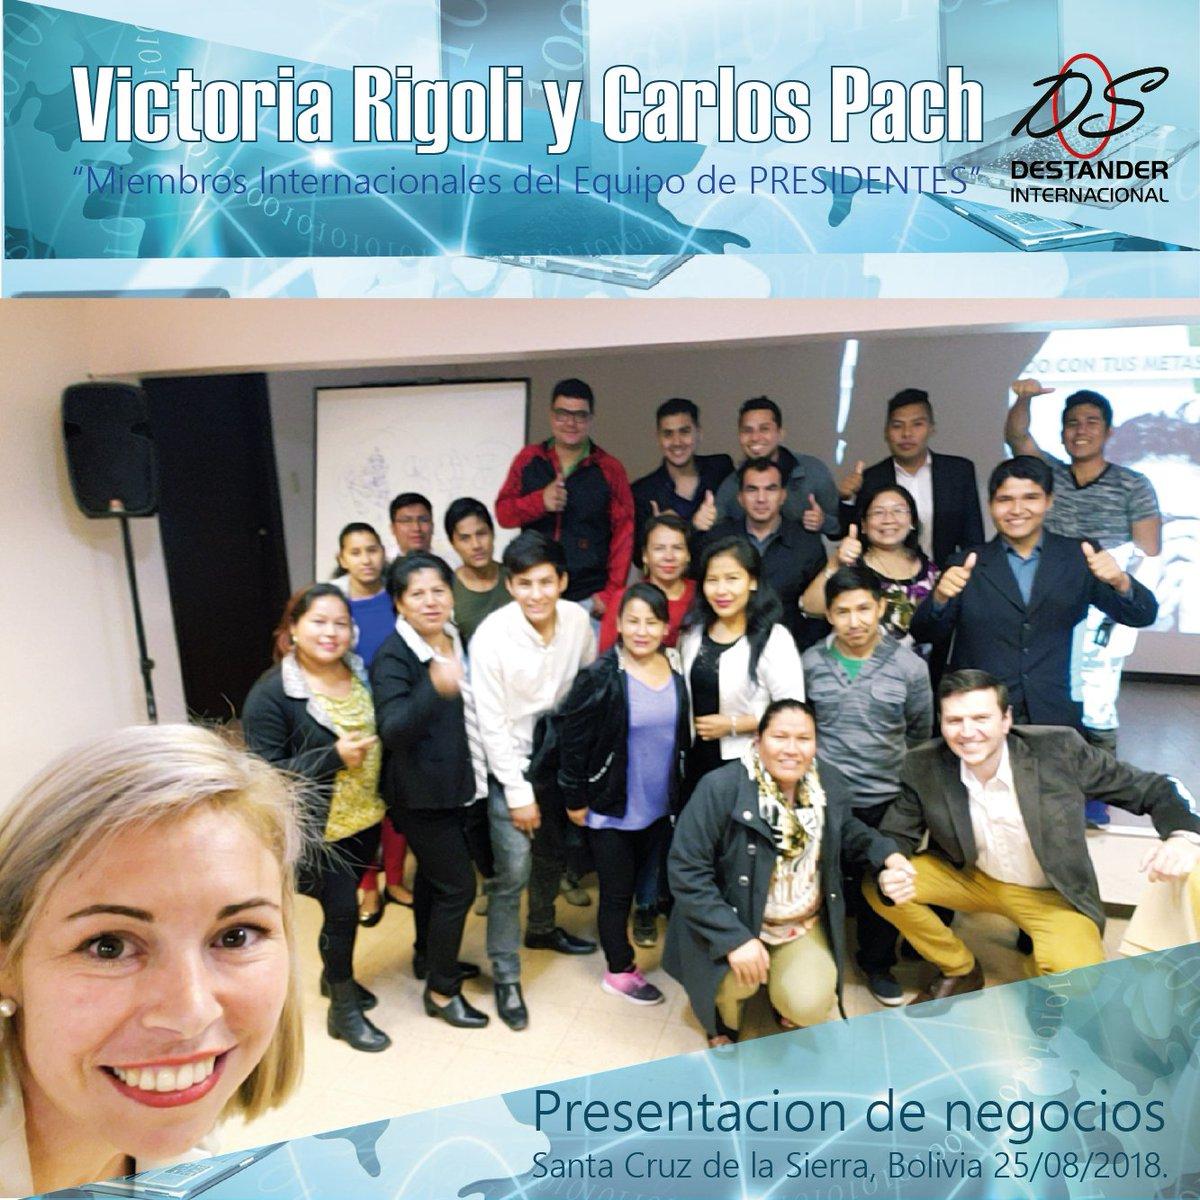 Presentación de negocios Carlos Pach y Victoria Rigoli Santa Cruz de la Sierra, Bolivia, 25/08/2018. https://t.co/xZG3py4SXz